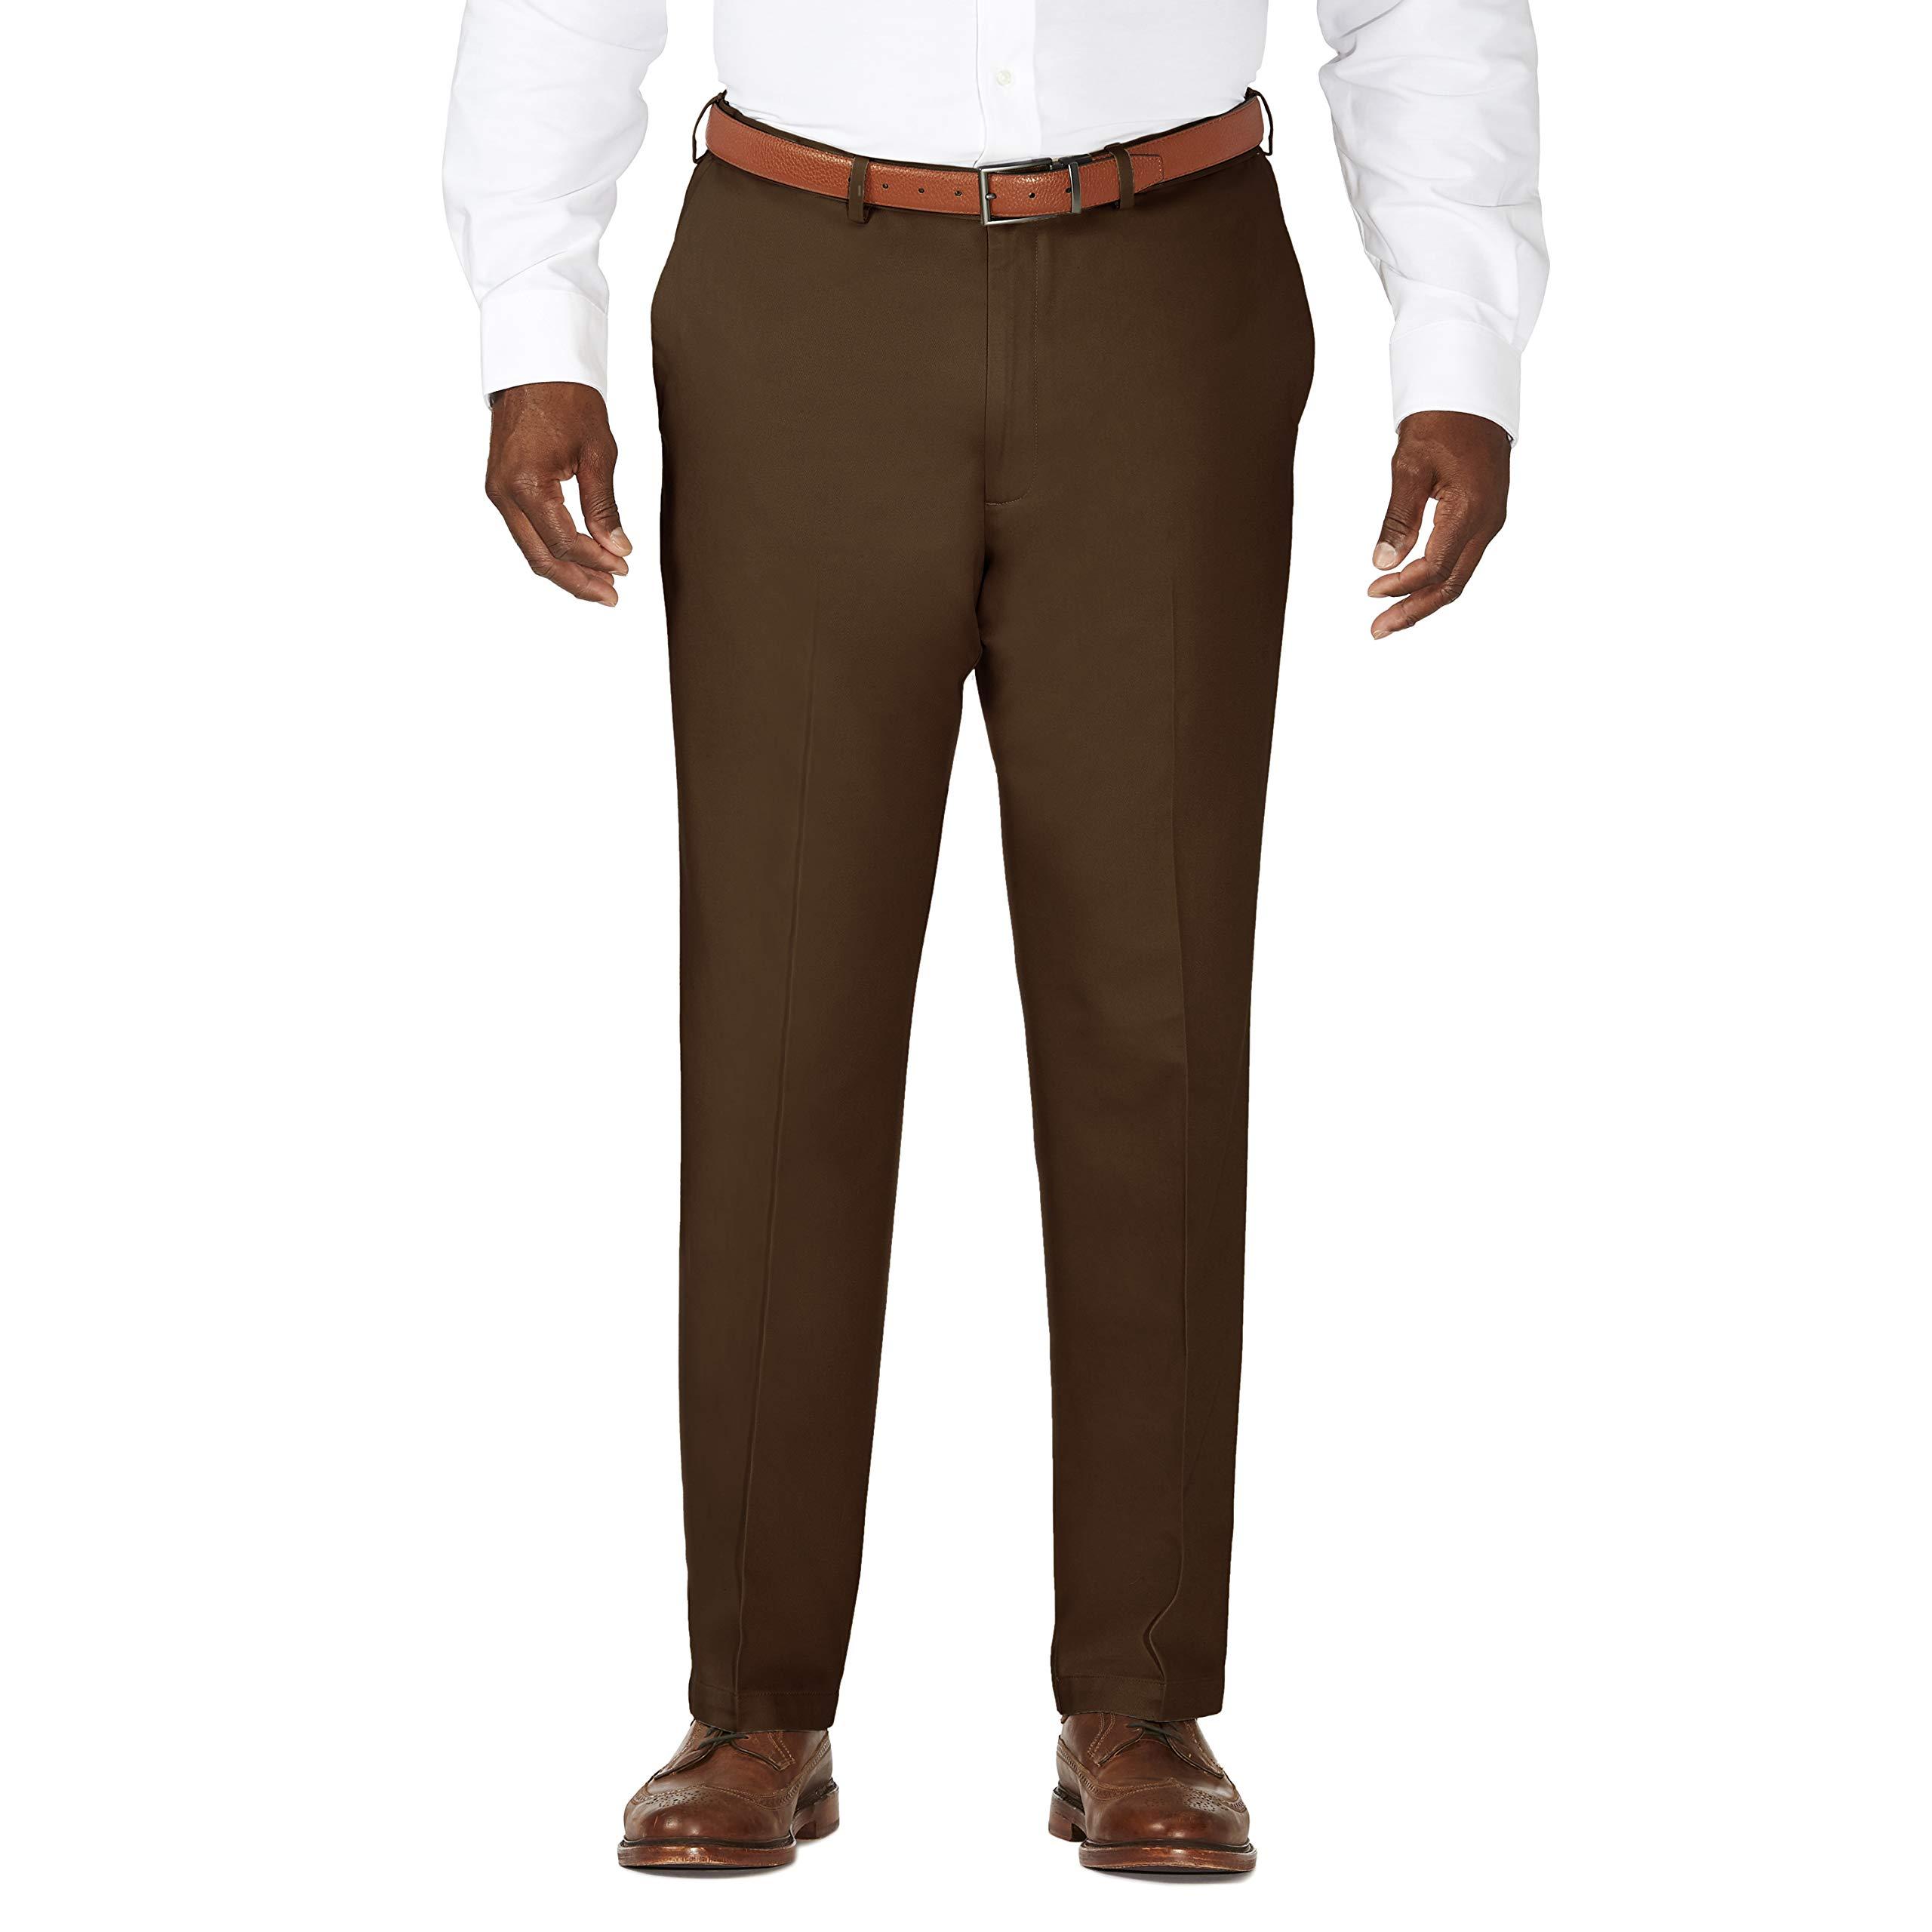 Haggar Men's Big-Tall Work To Weekend Hidden Expandable Waist Plain Front Pant, Bean, 44x34